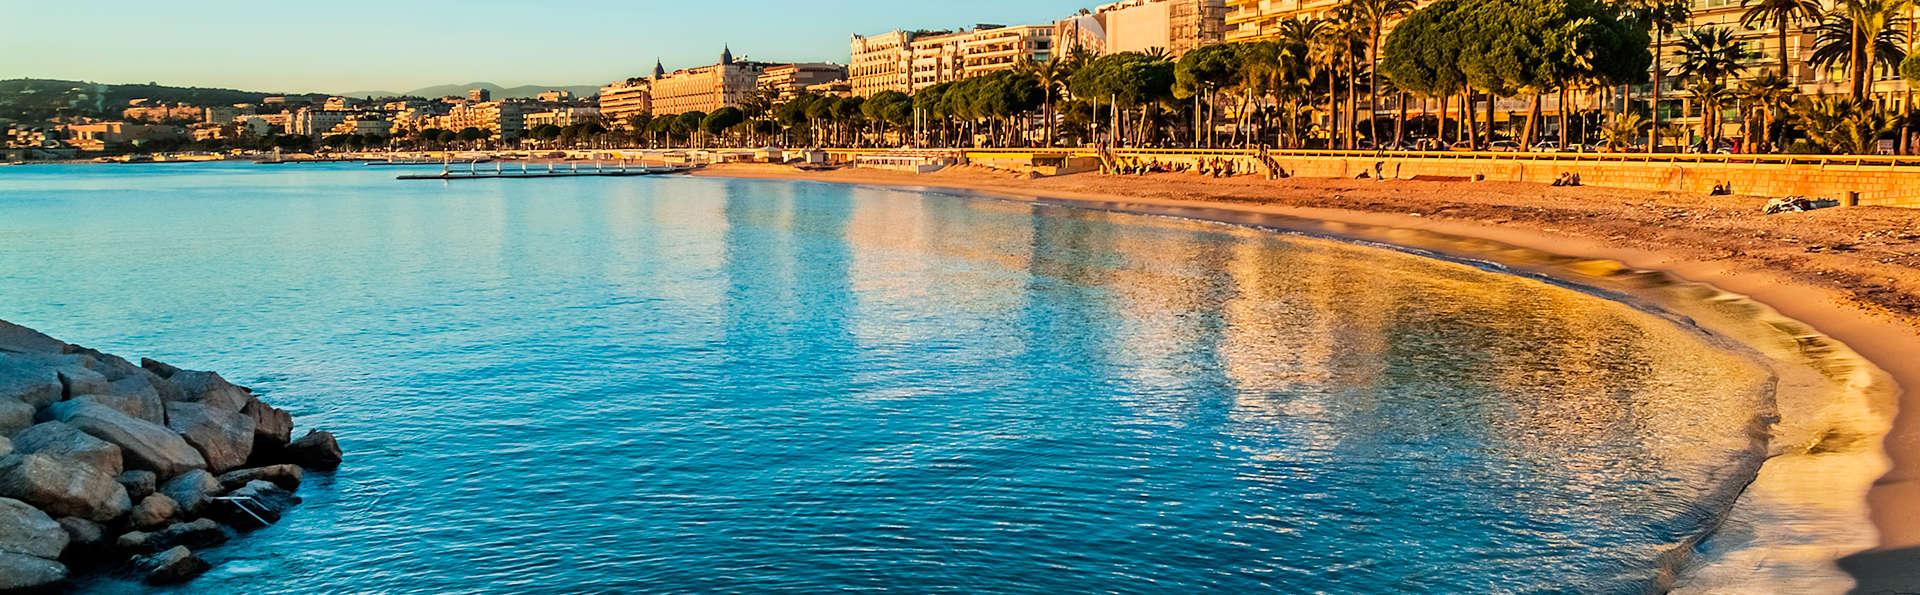 Comfort Suites Cannes-Mandelieu - EDIT_cote-d_azur2.jpg